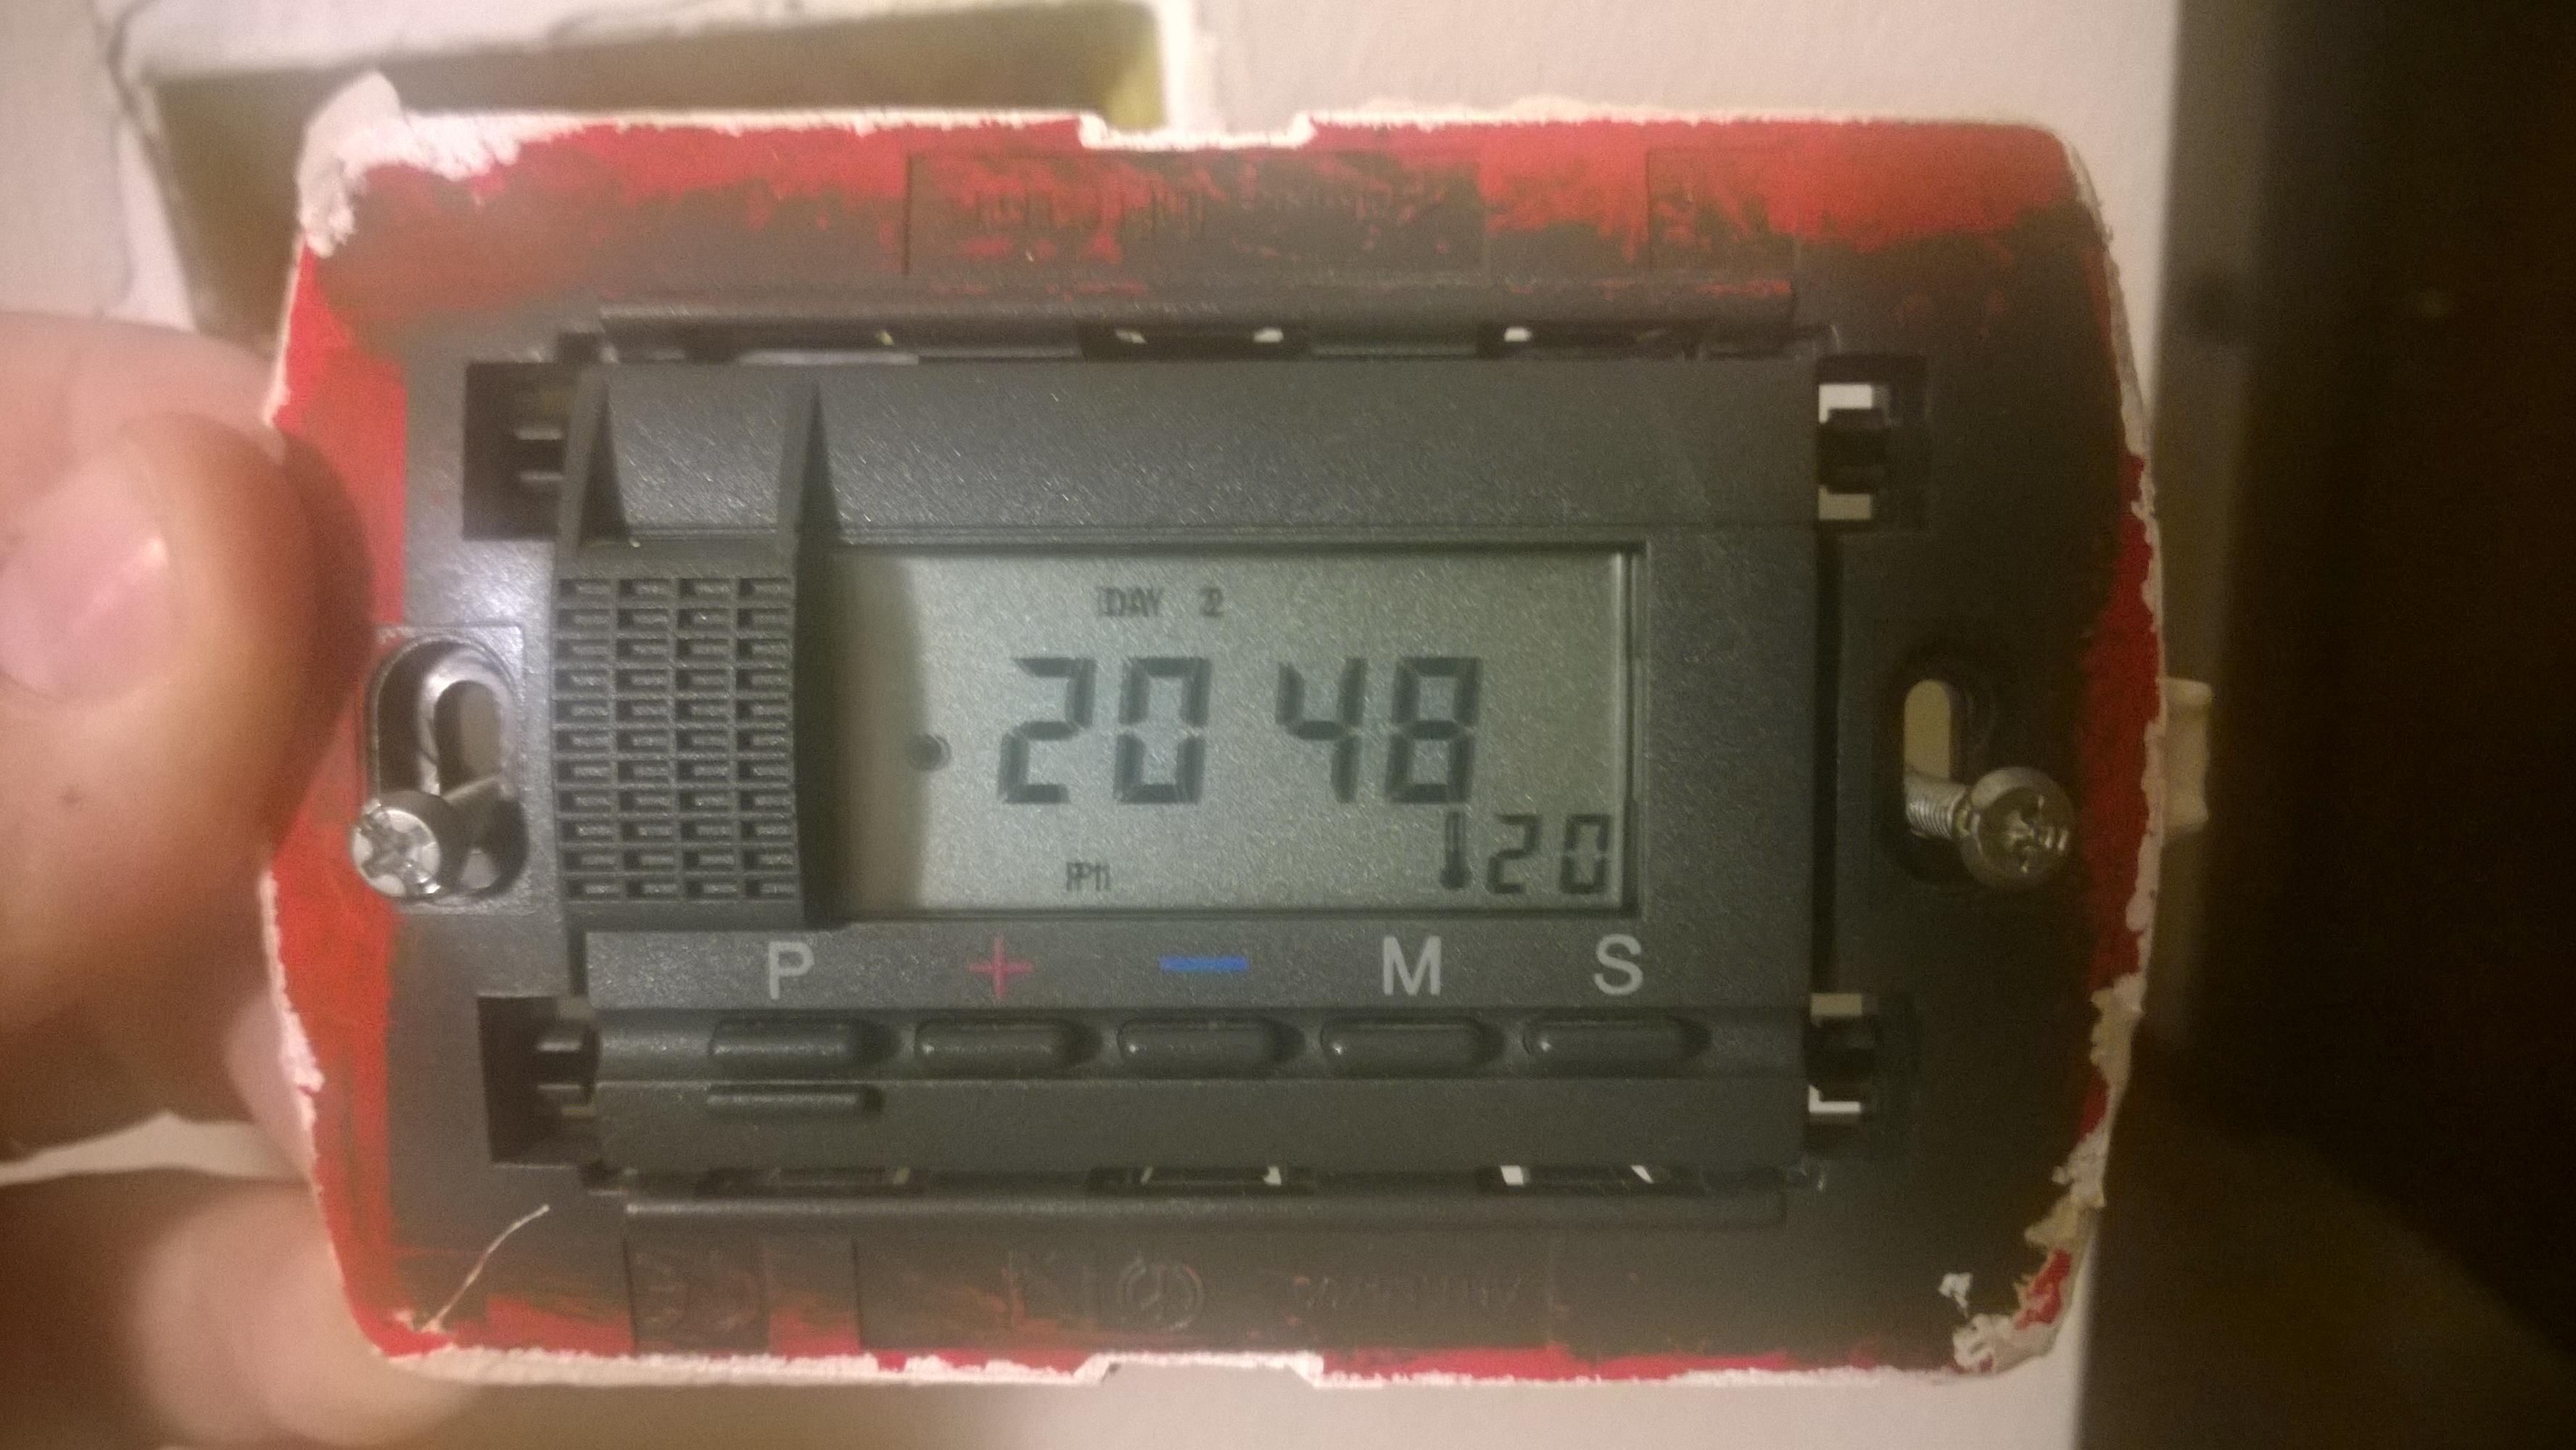 Cronotermostato bticino istruzioni for Istruzioni termostato bticino